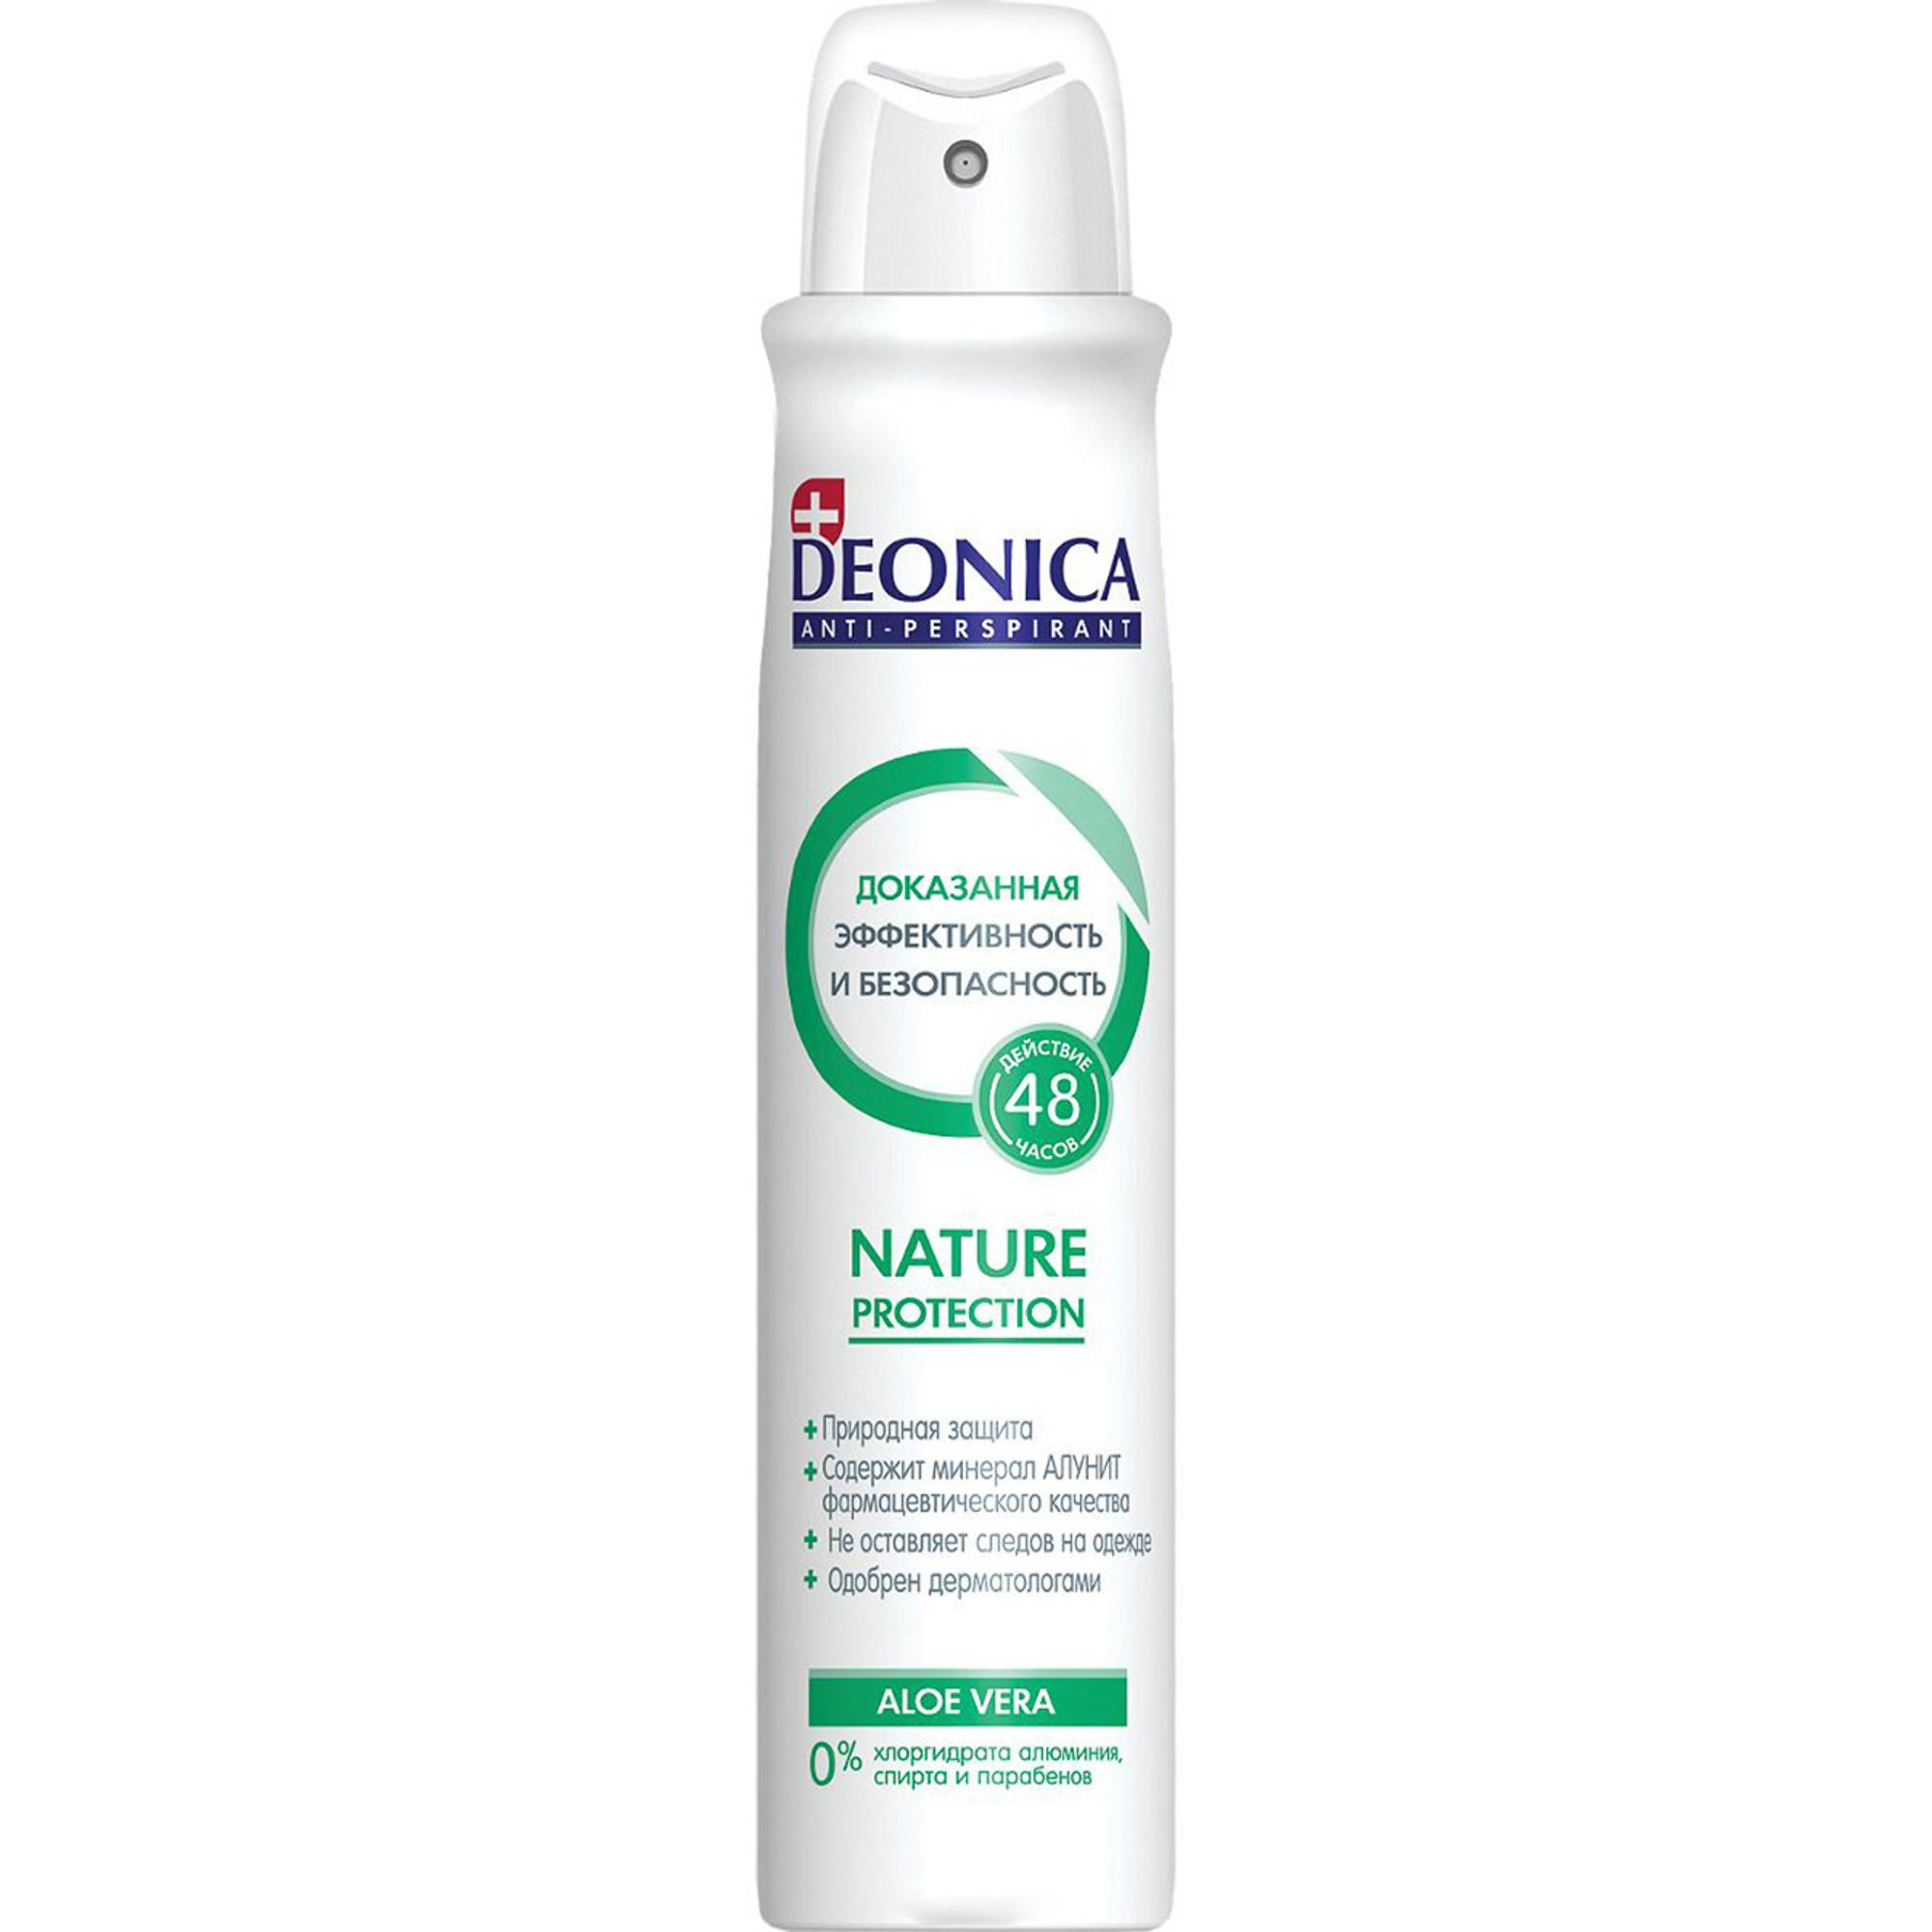 Дезодорант-антиперспирант Deonica Nature Protection 200 мл